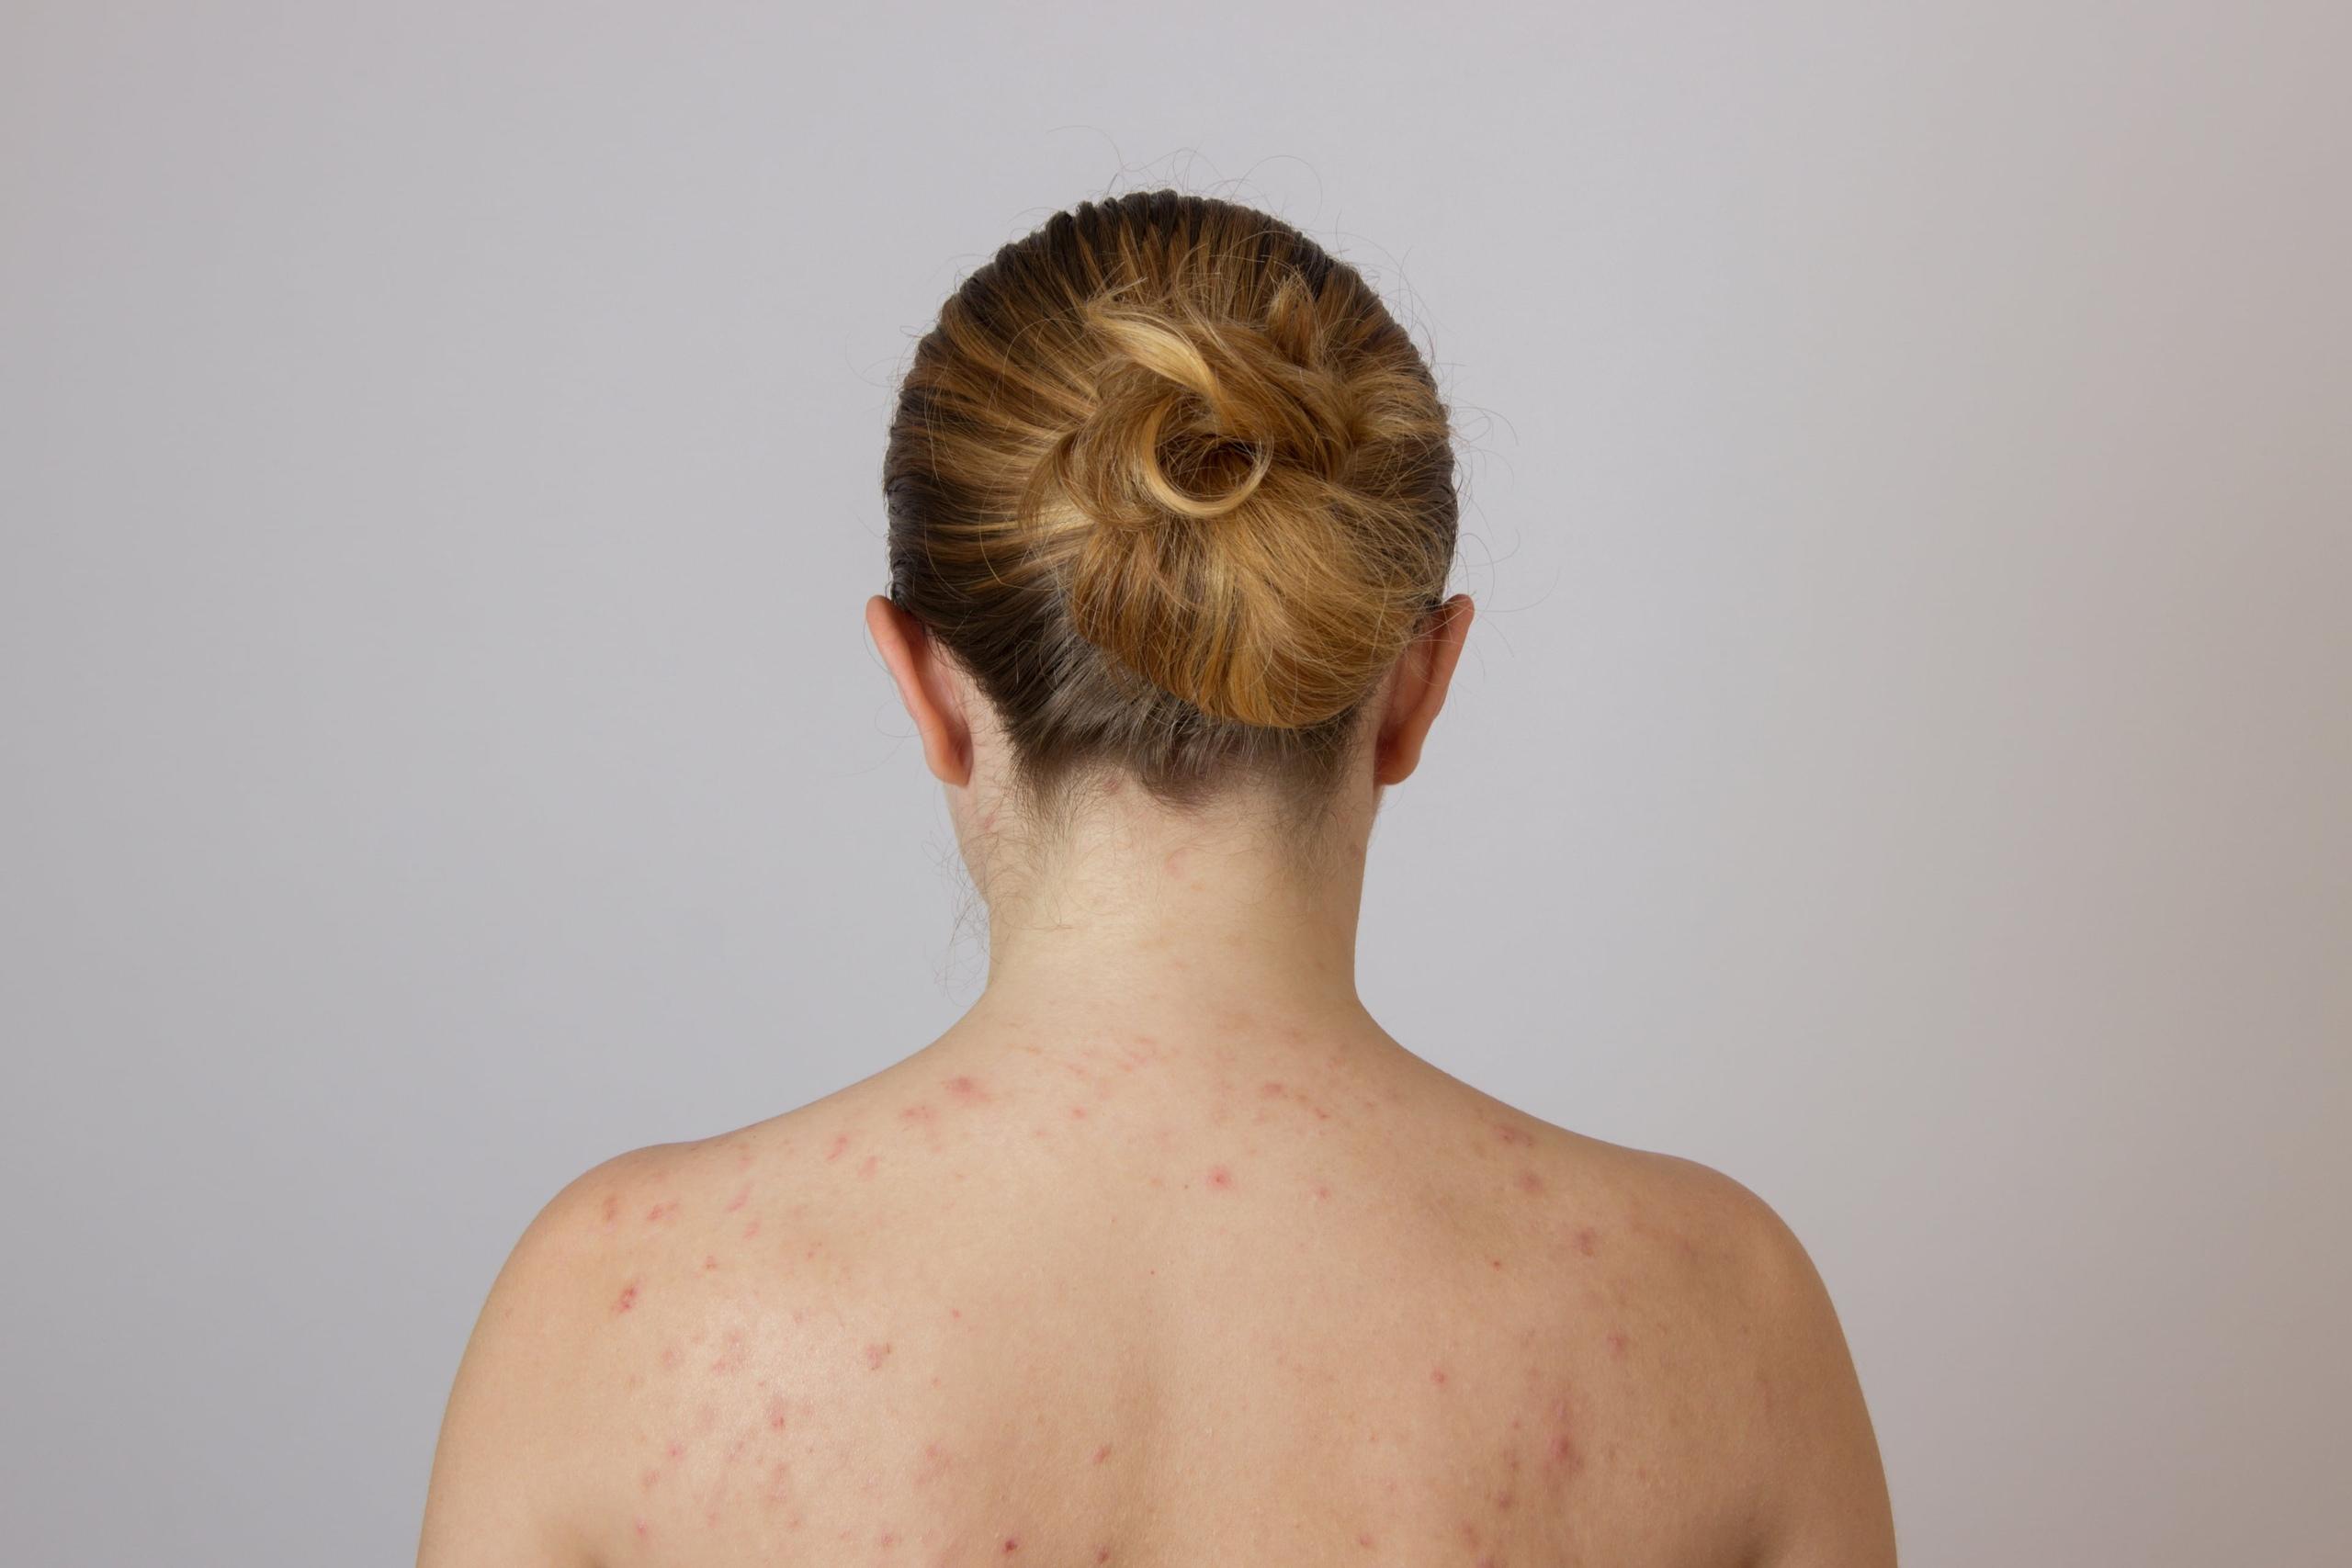 Старческая себорейная кератома лечение. как часто встречается это кератоз кожи? деструктивные методы лечения